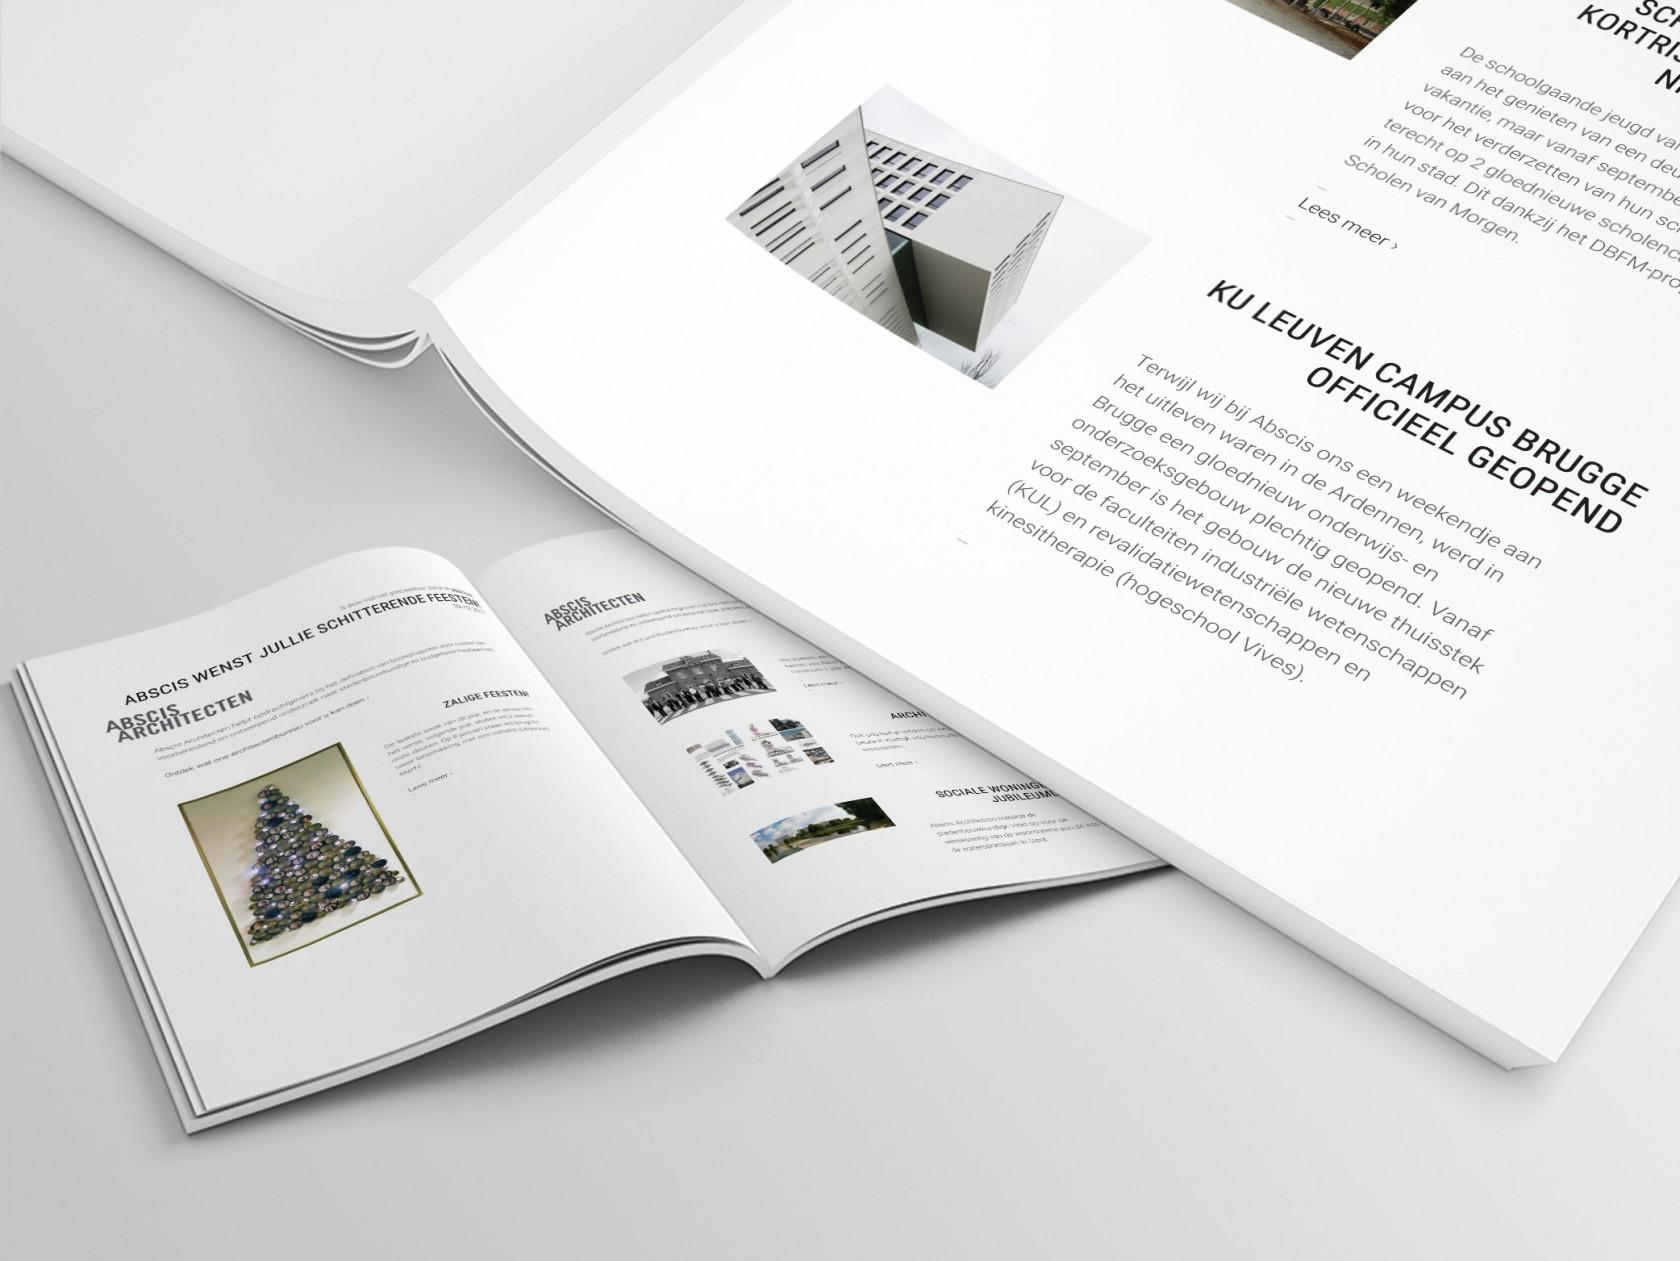 Abscis Architecten - Wilt u onze nieuwsbrief ontvangen?